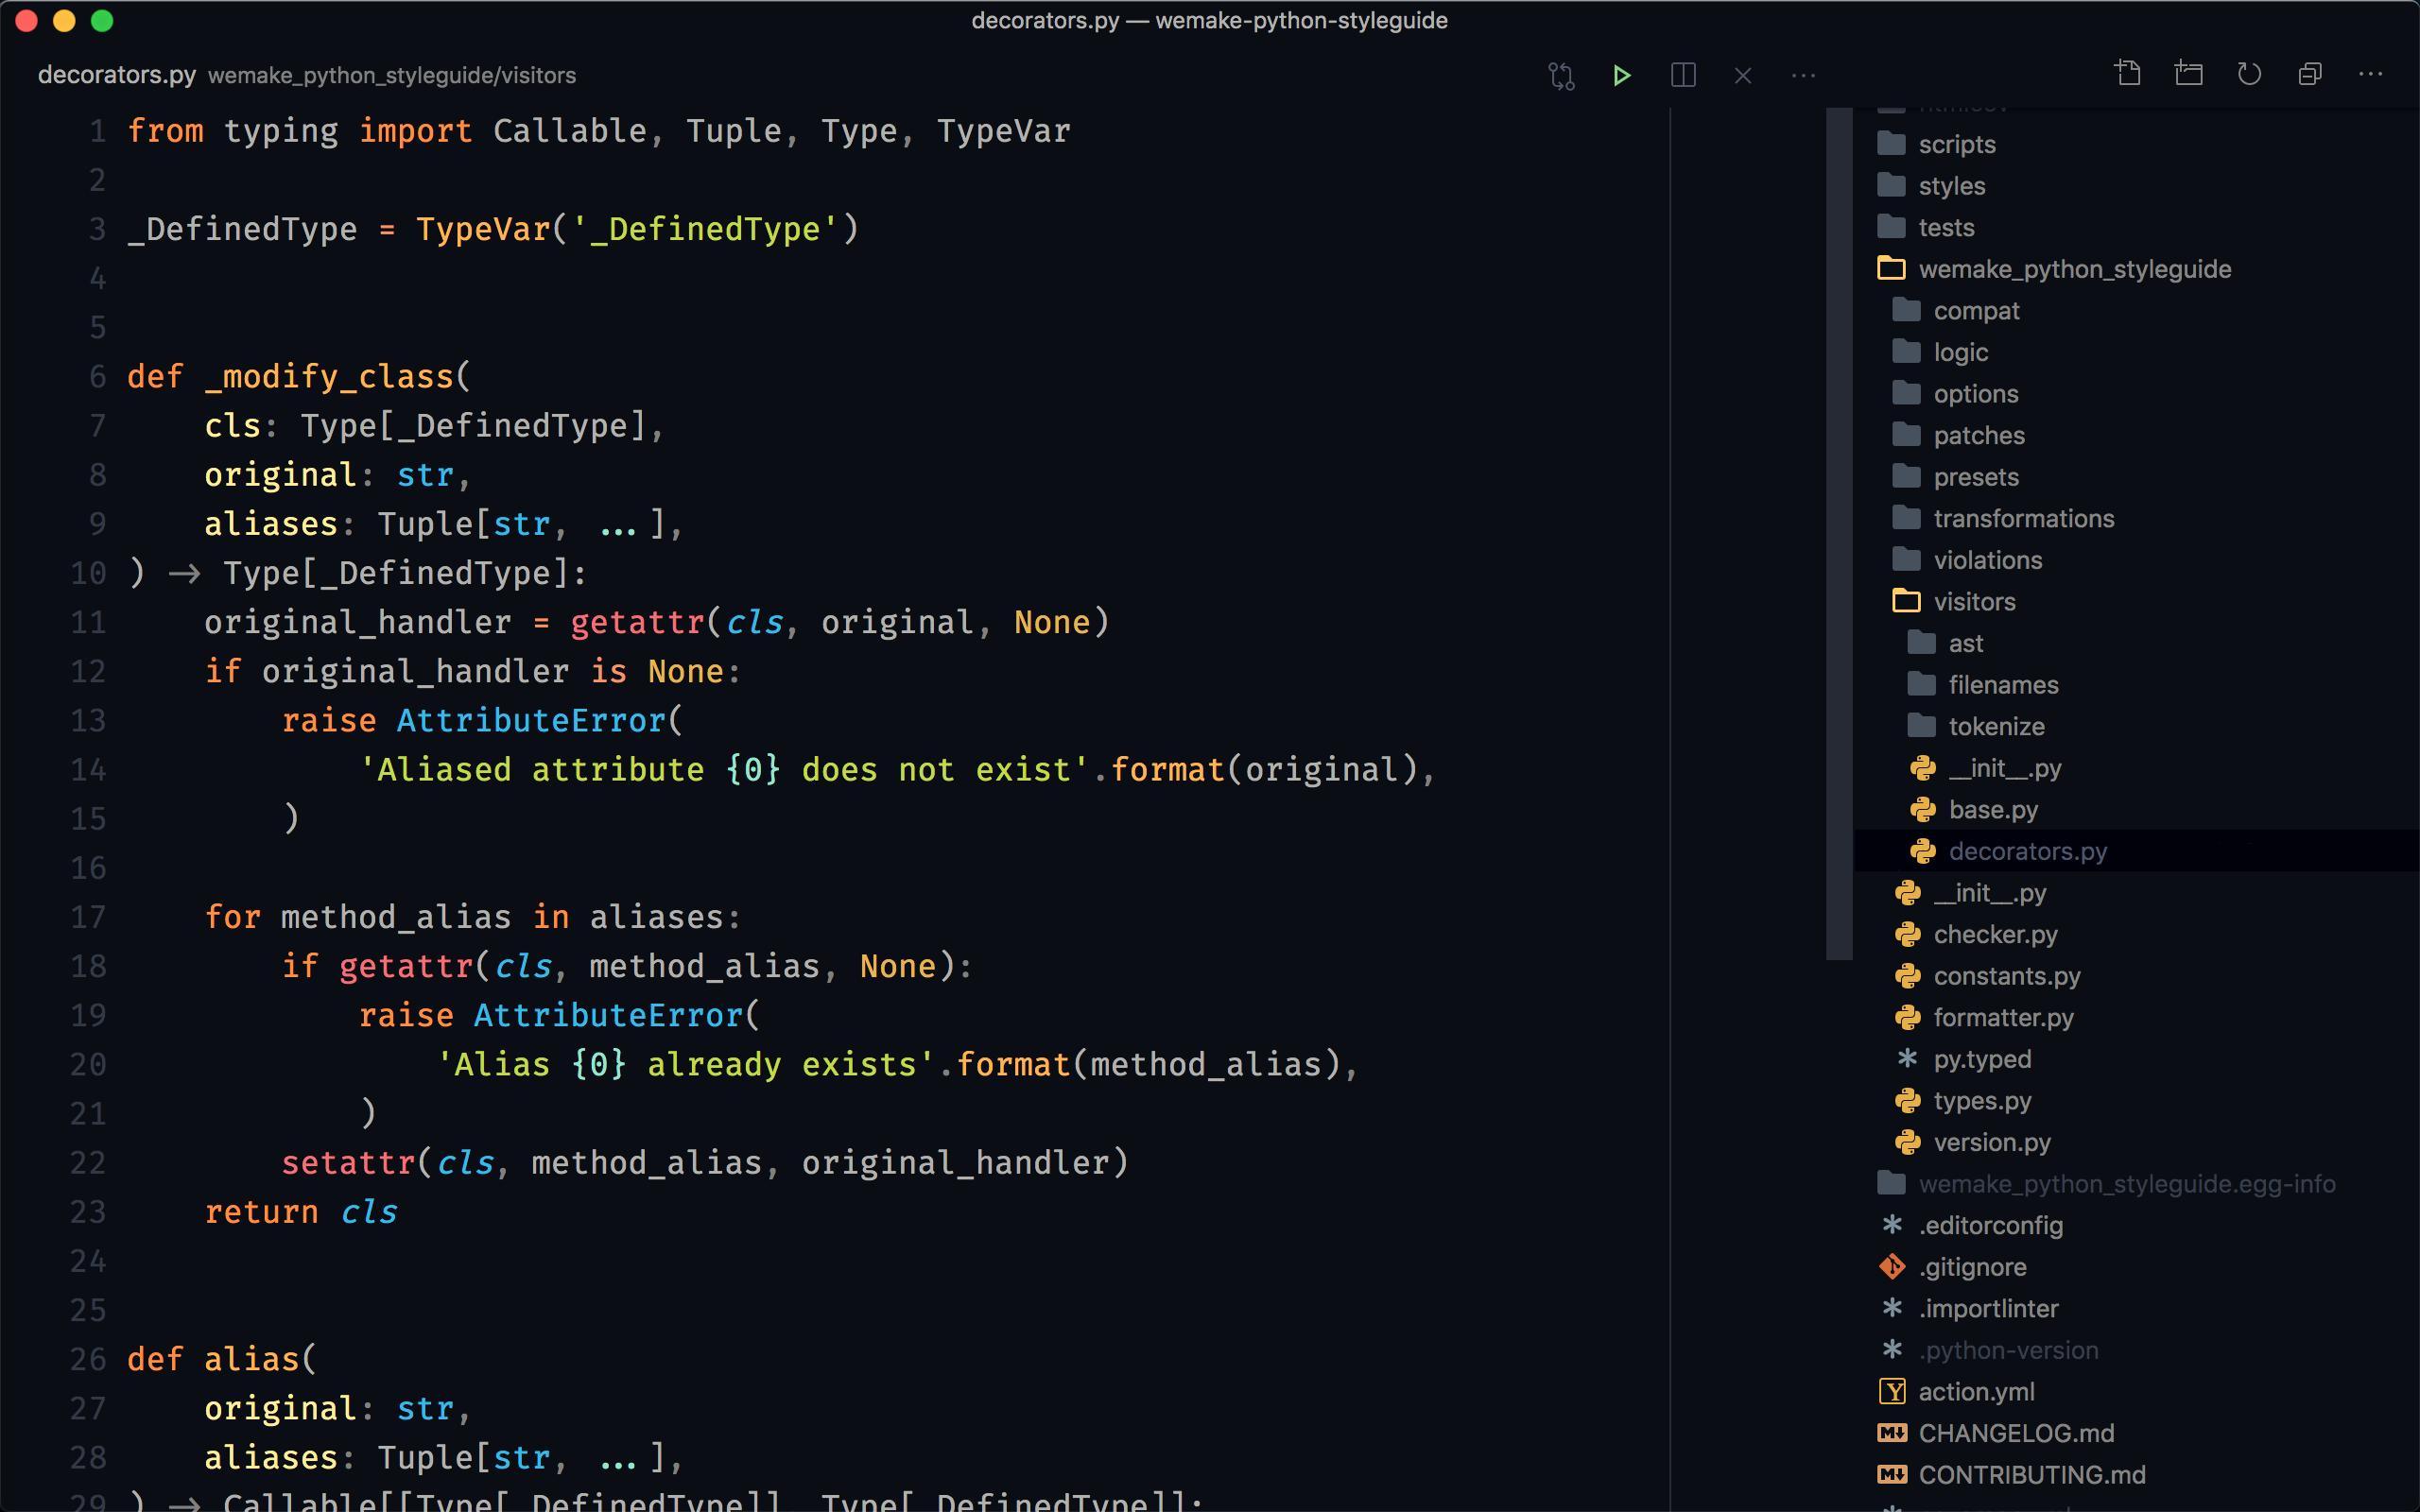 sobolevn's vscode for Python